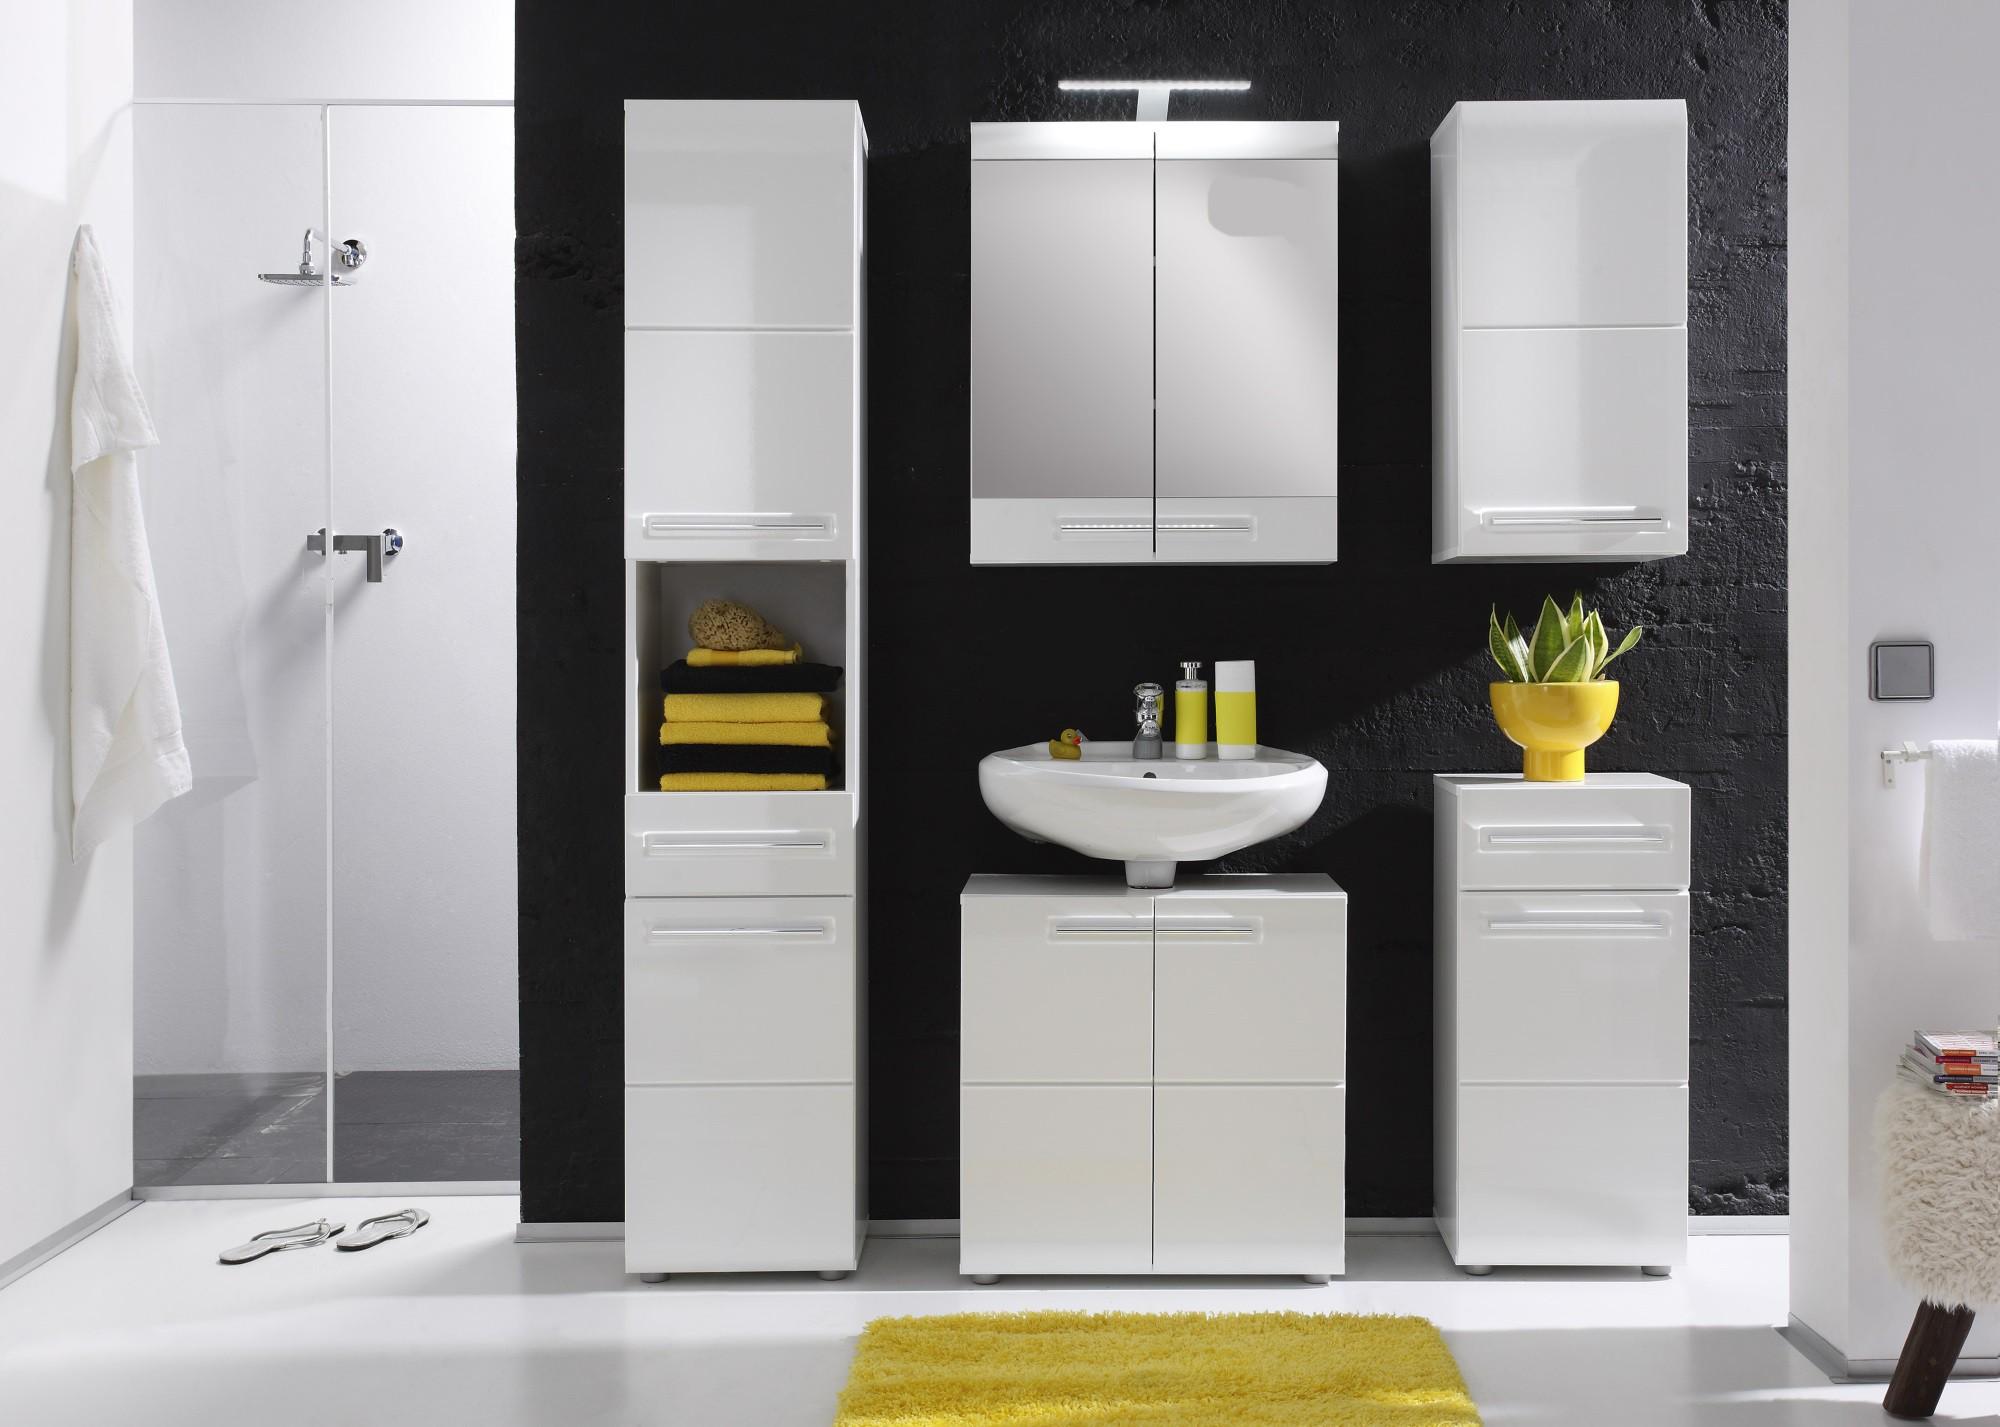 Les 5 accessoires indispensables pour avoir une salle de for Salle de bain maison